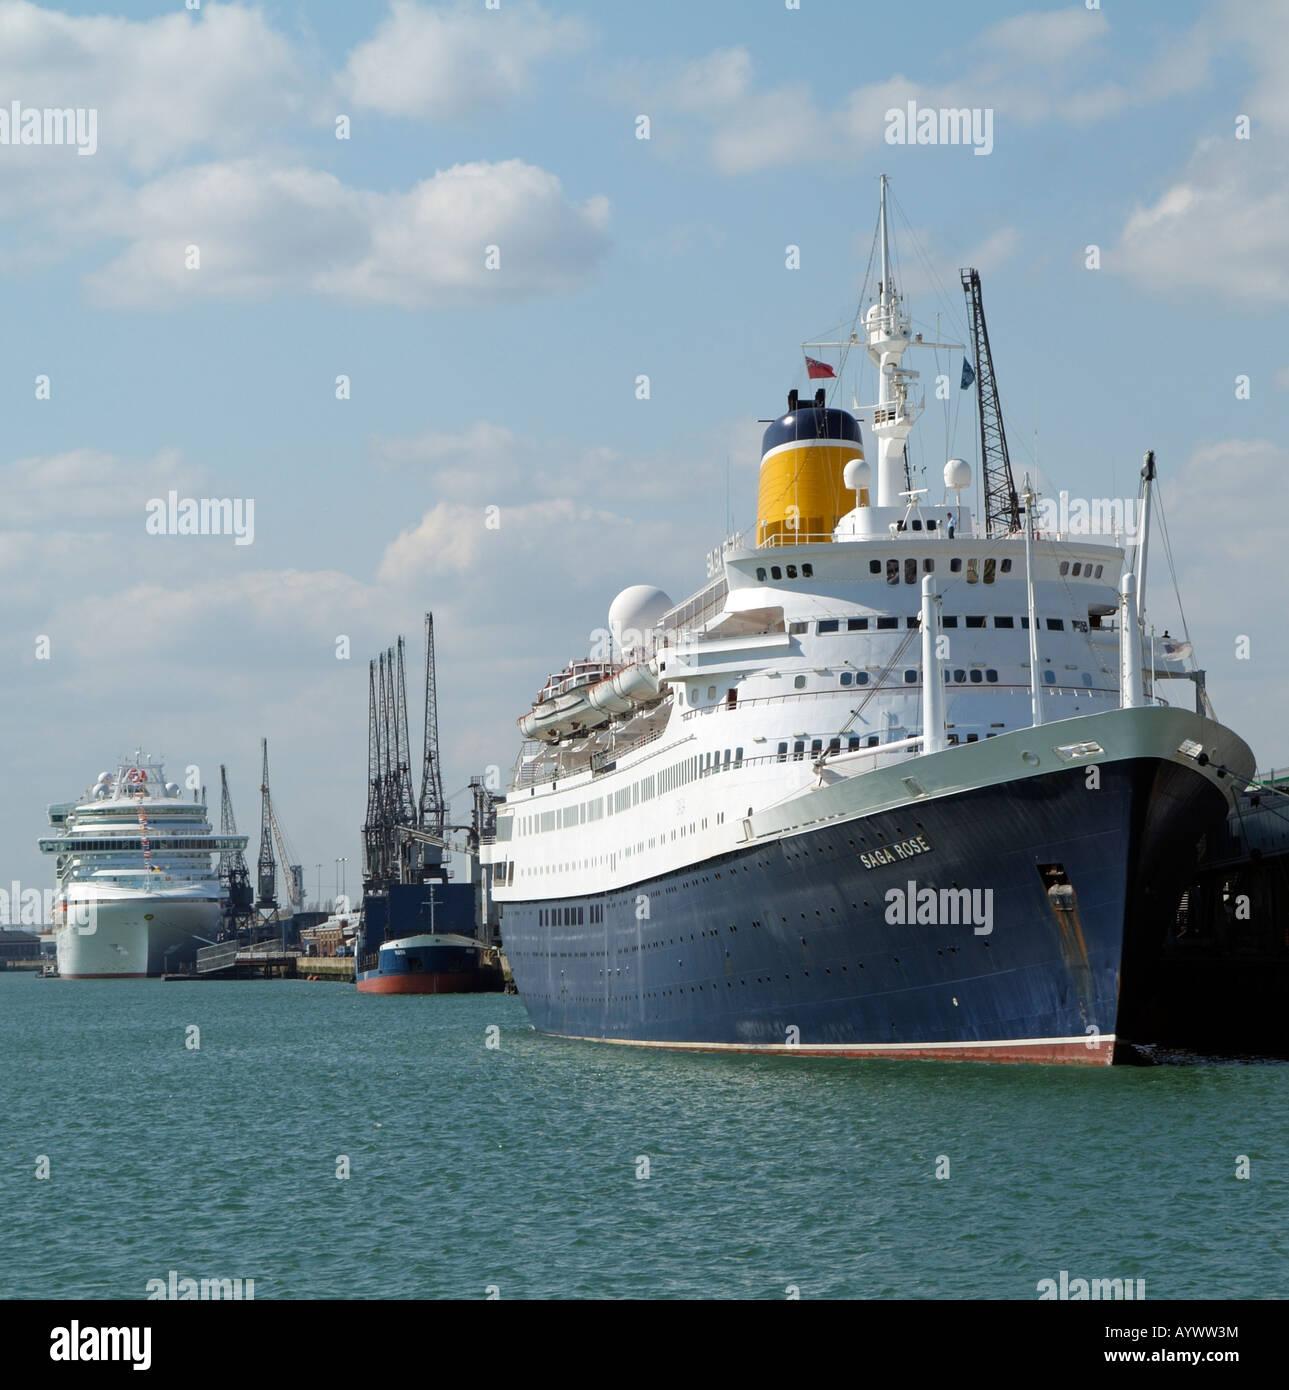 Saga Rose Cruise Ship Port Of Southampton England UK In